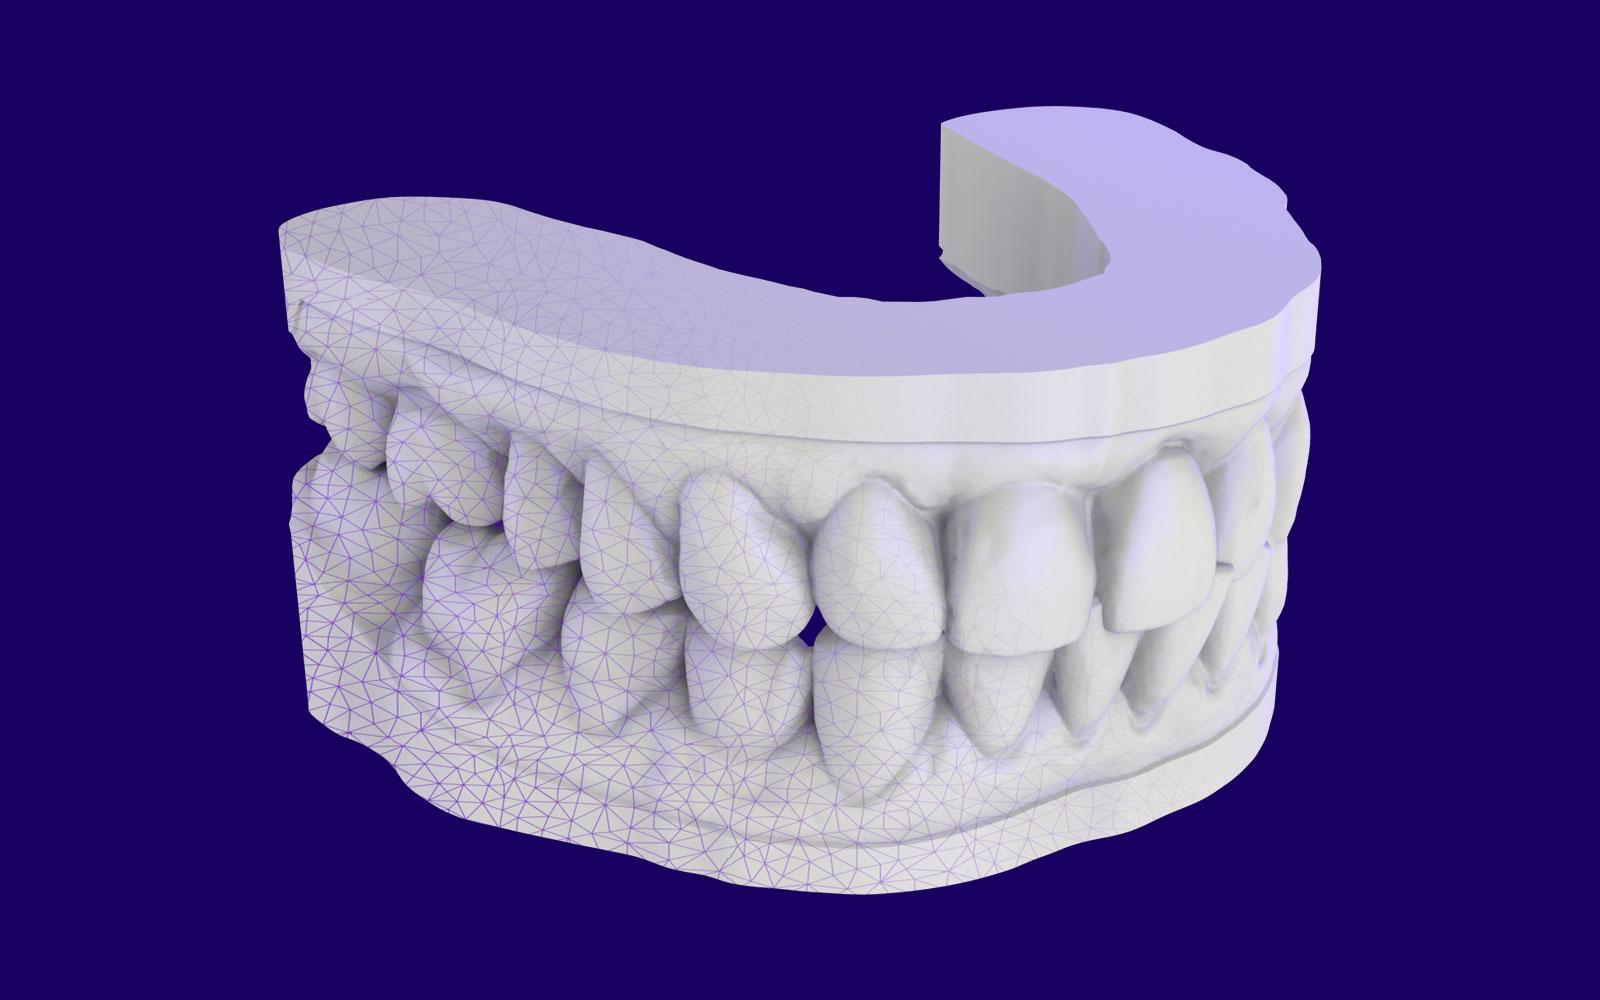 Digital-dental-model